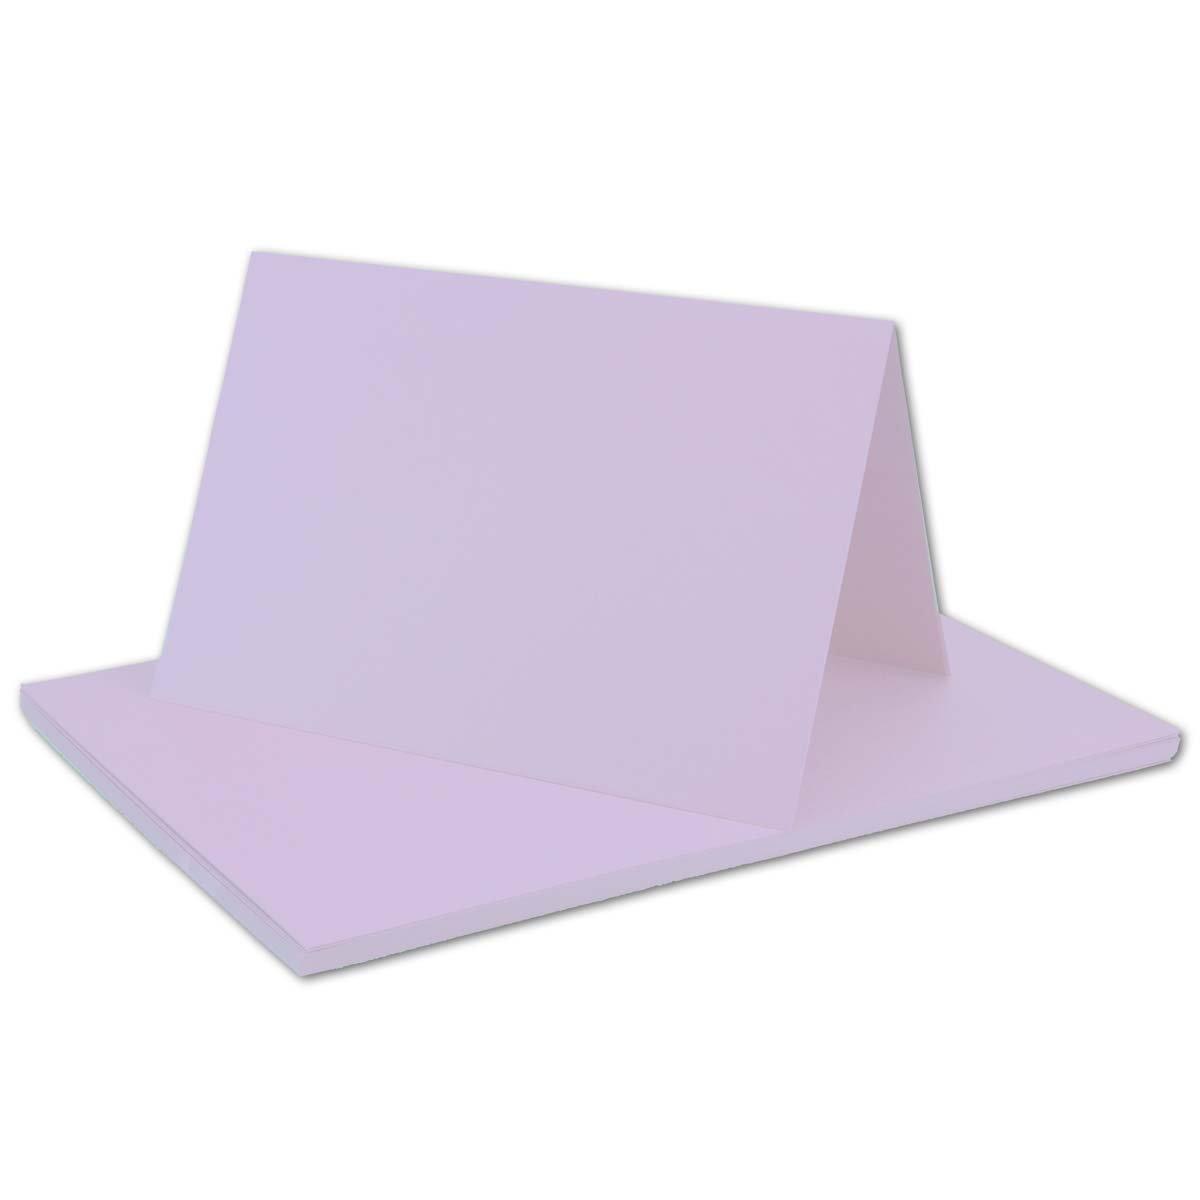 250x Falt-Karten DIN A6 Blanko Blanko Blanko Doppel-Karten in Hochweiß Kristallweiß -10,5 x 14,8 cm   Premium Qualität   FarbenFroh® B079VLTL2D | Attraktive Mode  f5e586